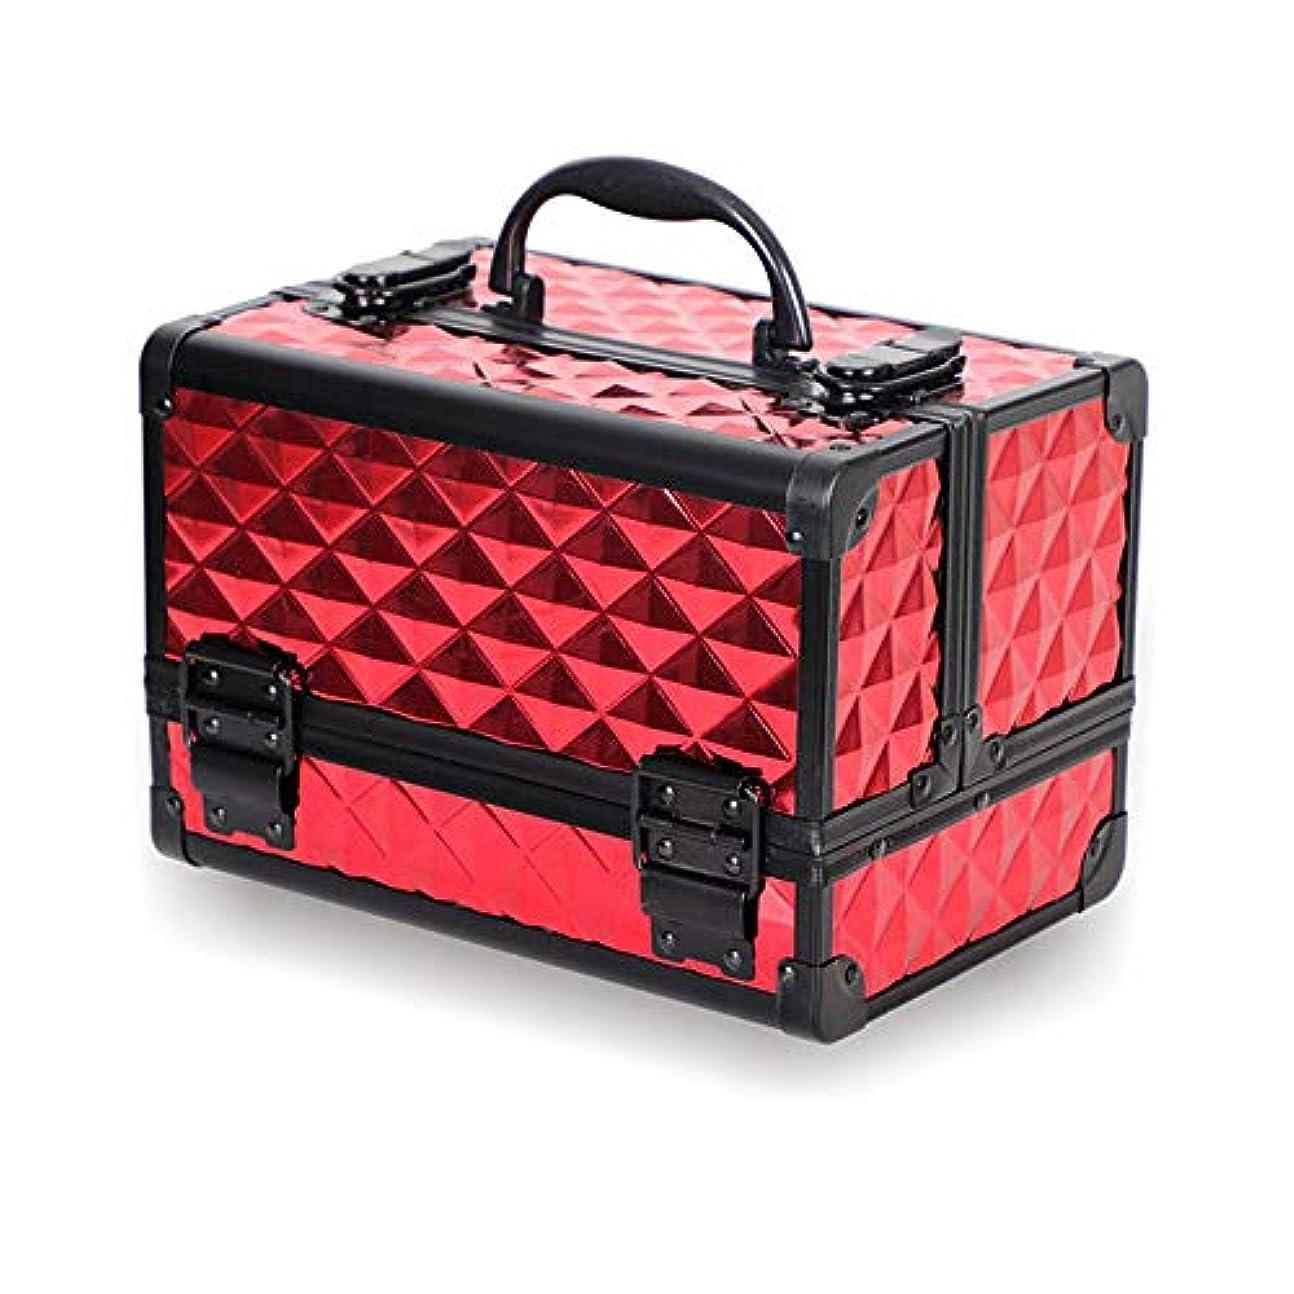 可聴虚偽押し下げる特大スペース収納ビューティーボックス 美の構造のためそしてジッパーおよび折る皿が付いている女の子の女性旅行そして毎日の貯蔵のための高容量の携帯用化粧品袋 化粧品化粧台 (色 : 赤)